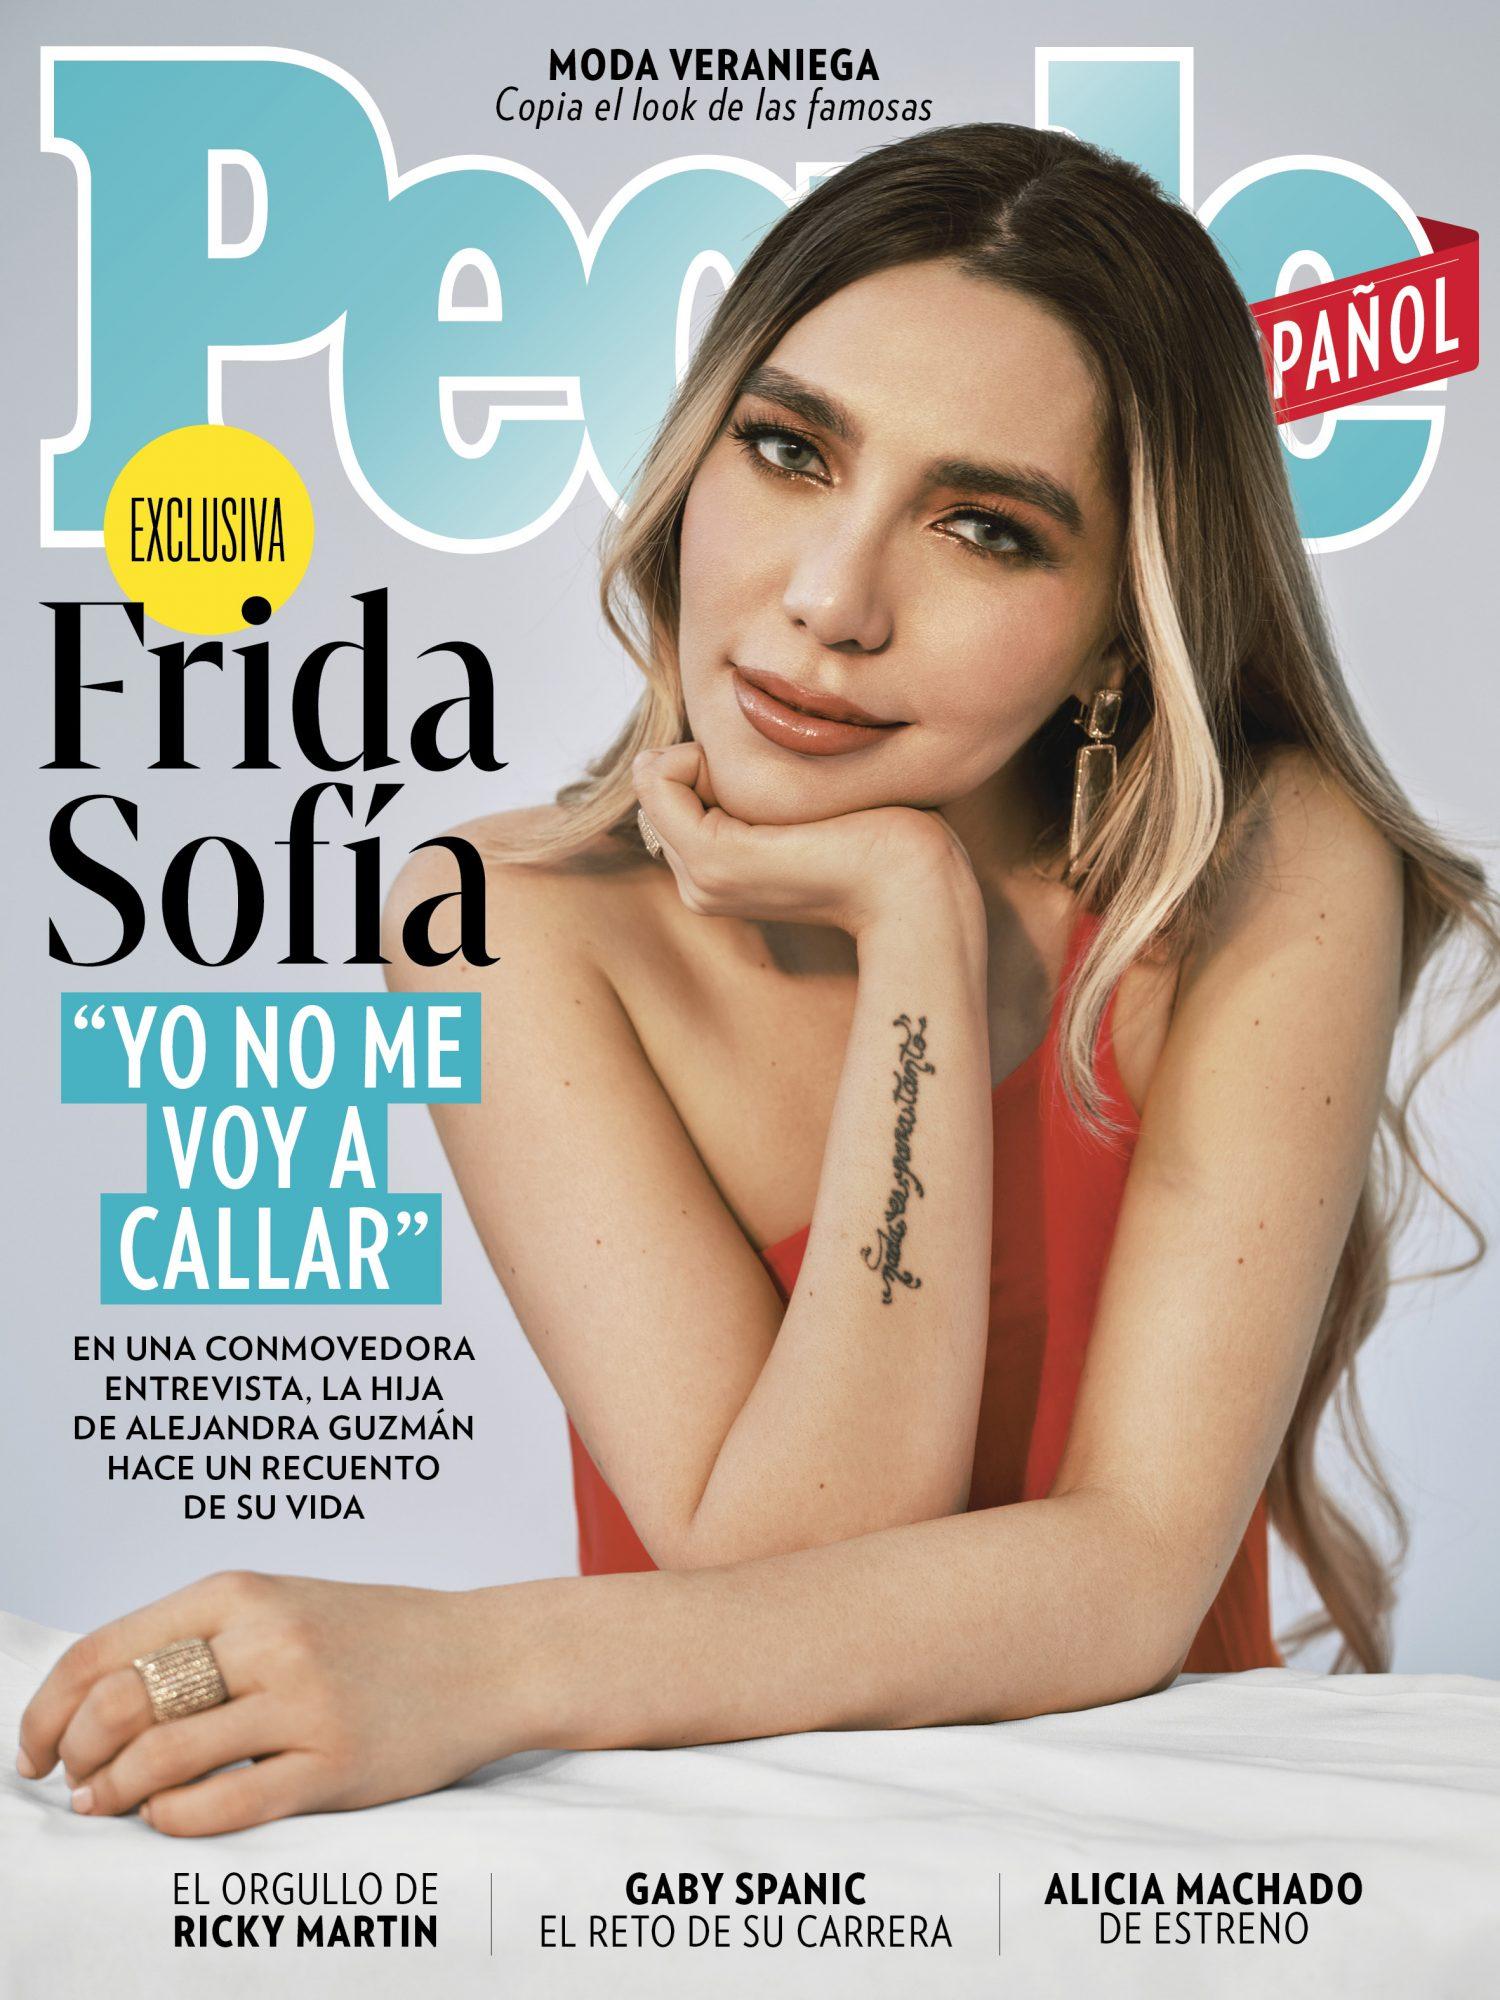 Frida Sofia - DO NOT REUSE